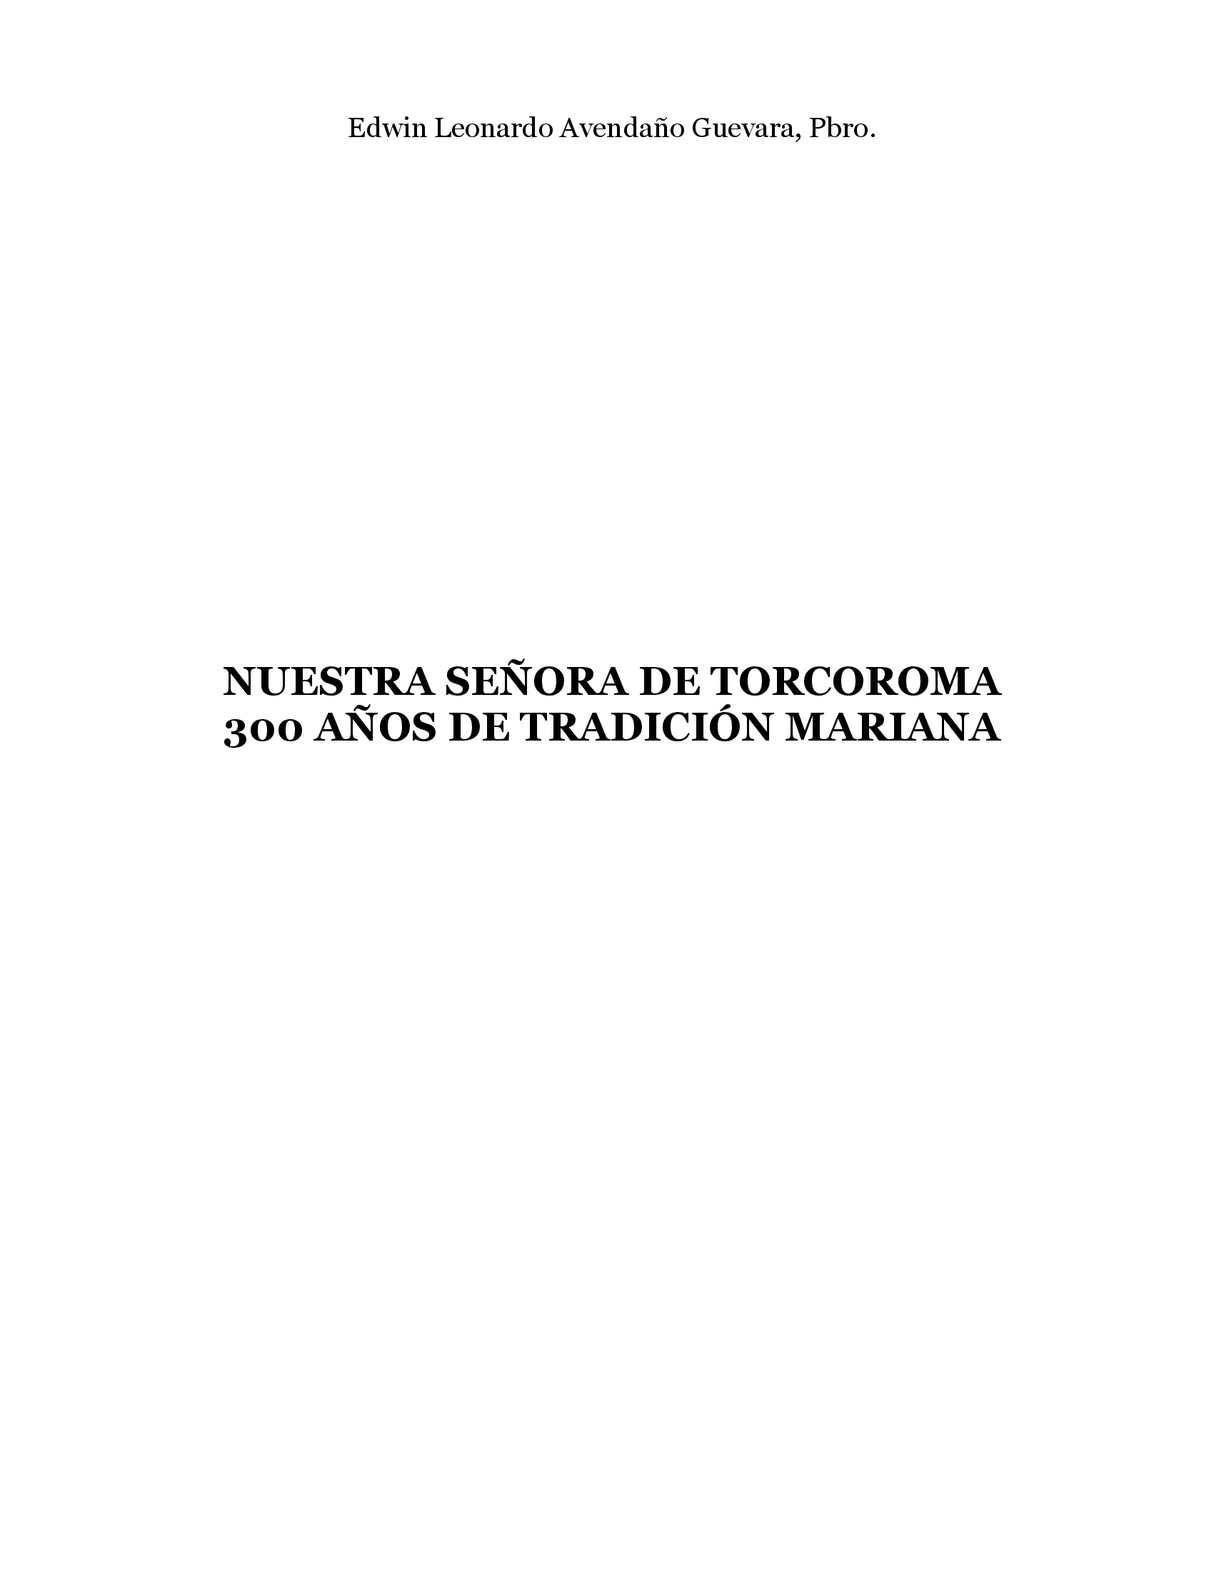 Calaméo - NUESTRA SEÑORA DE TORCOROMA - 300 AÑOS DE TRADICIÓN MARIANA 2a20c214b54e